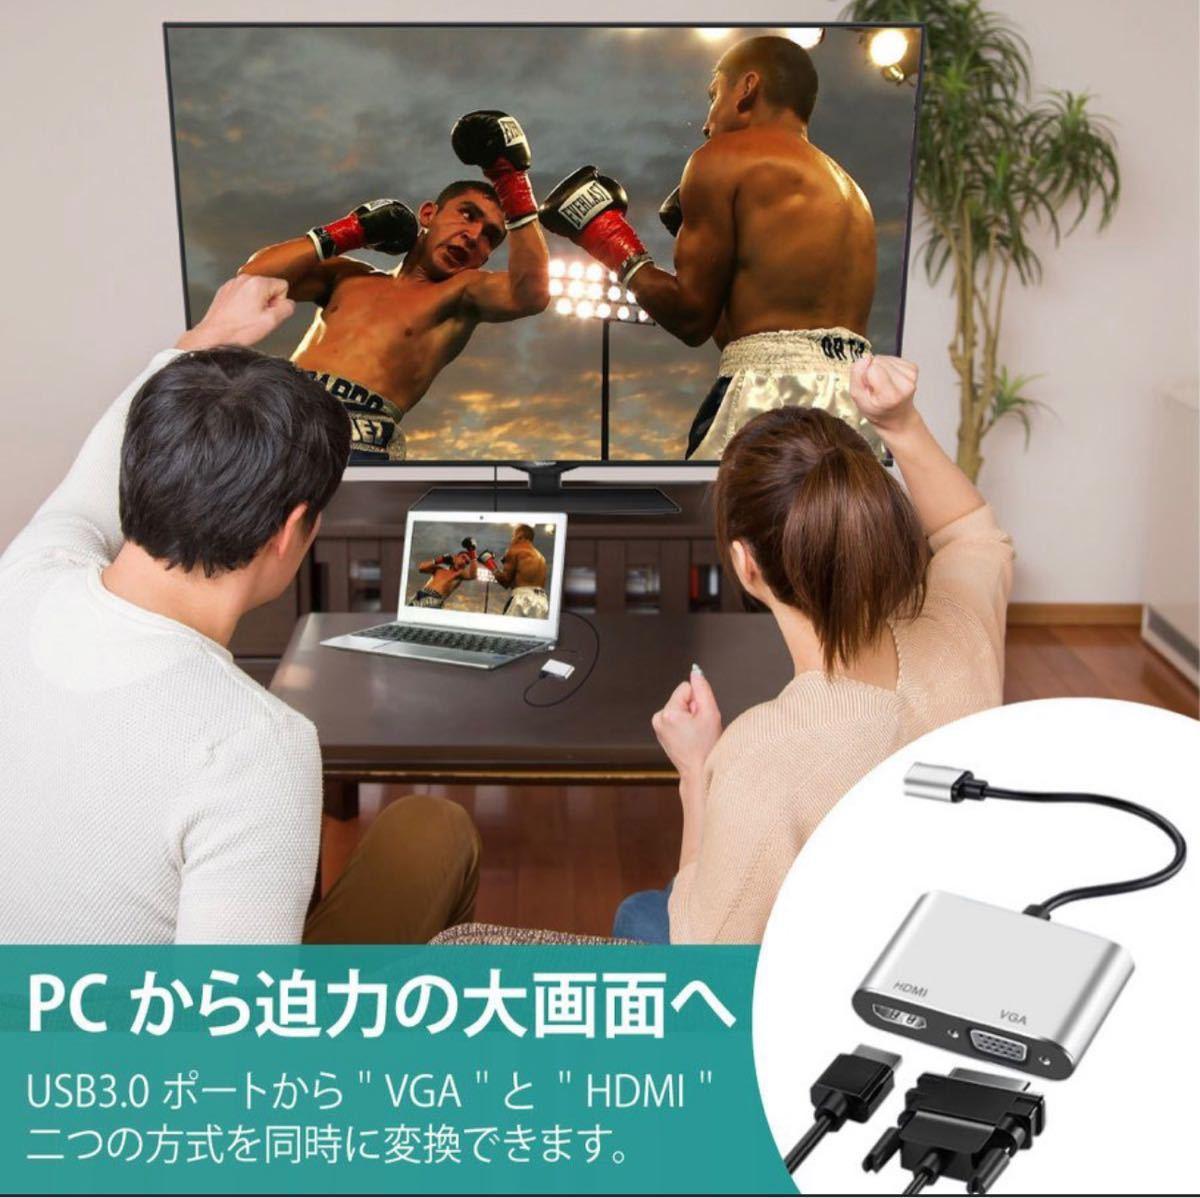 変換アダプター USB3.0 to HDMI/VGA パソコン ケーブル PC プロジェクター テレビ モニター XP 対応